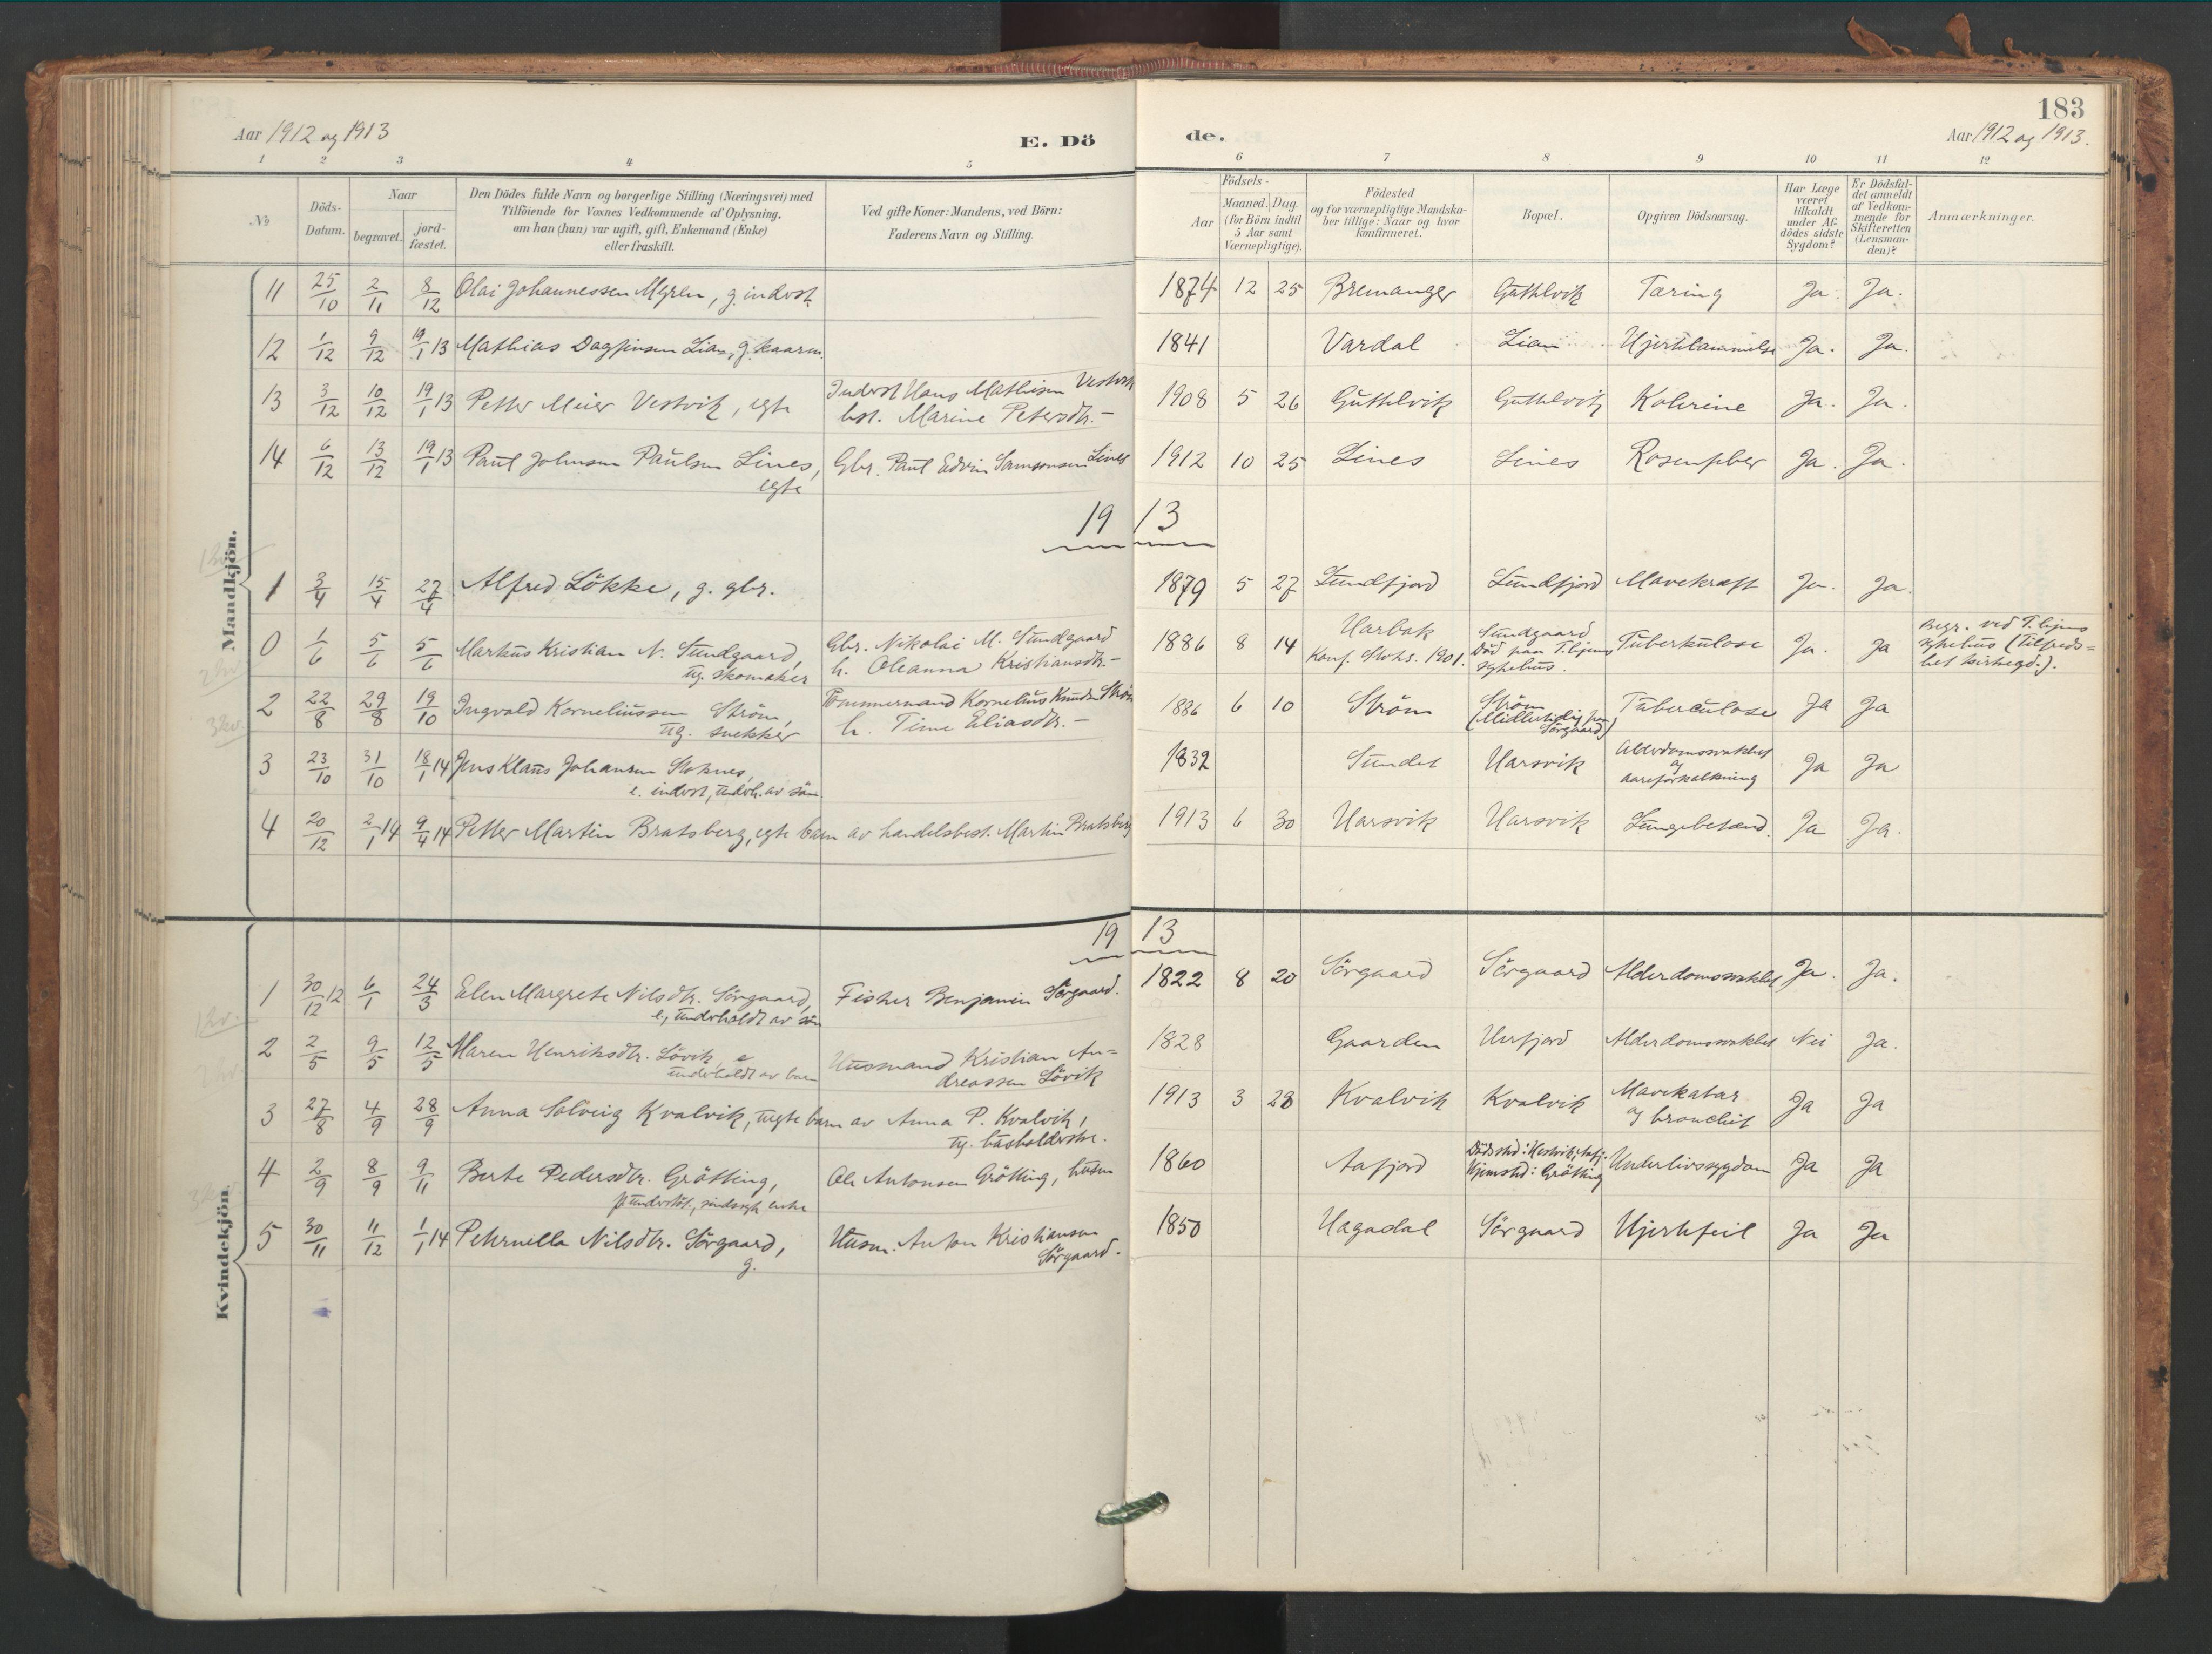 SAT, Ministerialprotokoller, klokkerbøker og fødselsregistre - Sør-Trøndelag, 656/L0693: Ministerialbok nr. 656A02, 1894-1913, s. 183